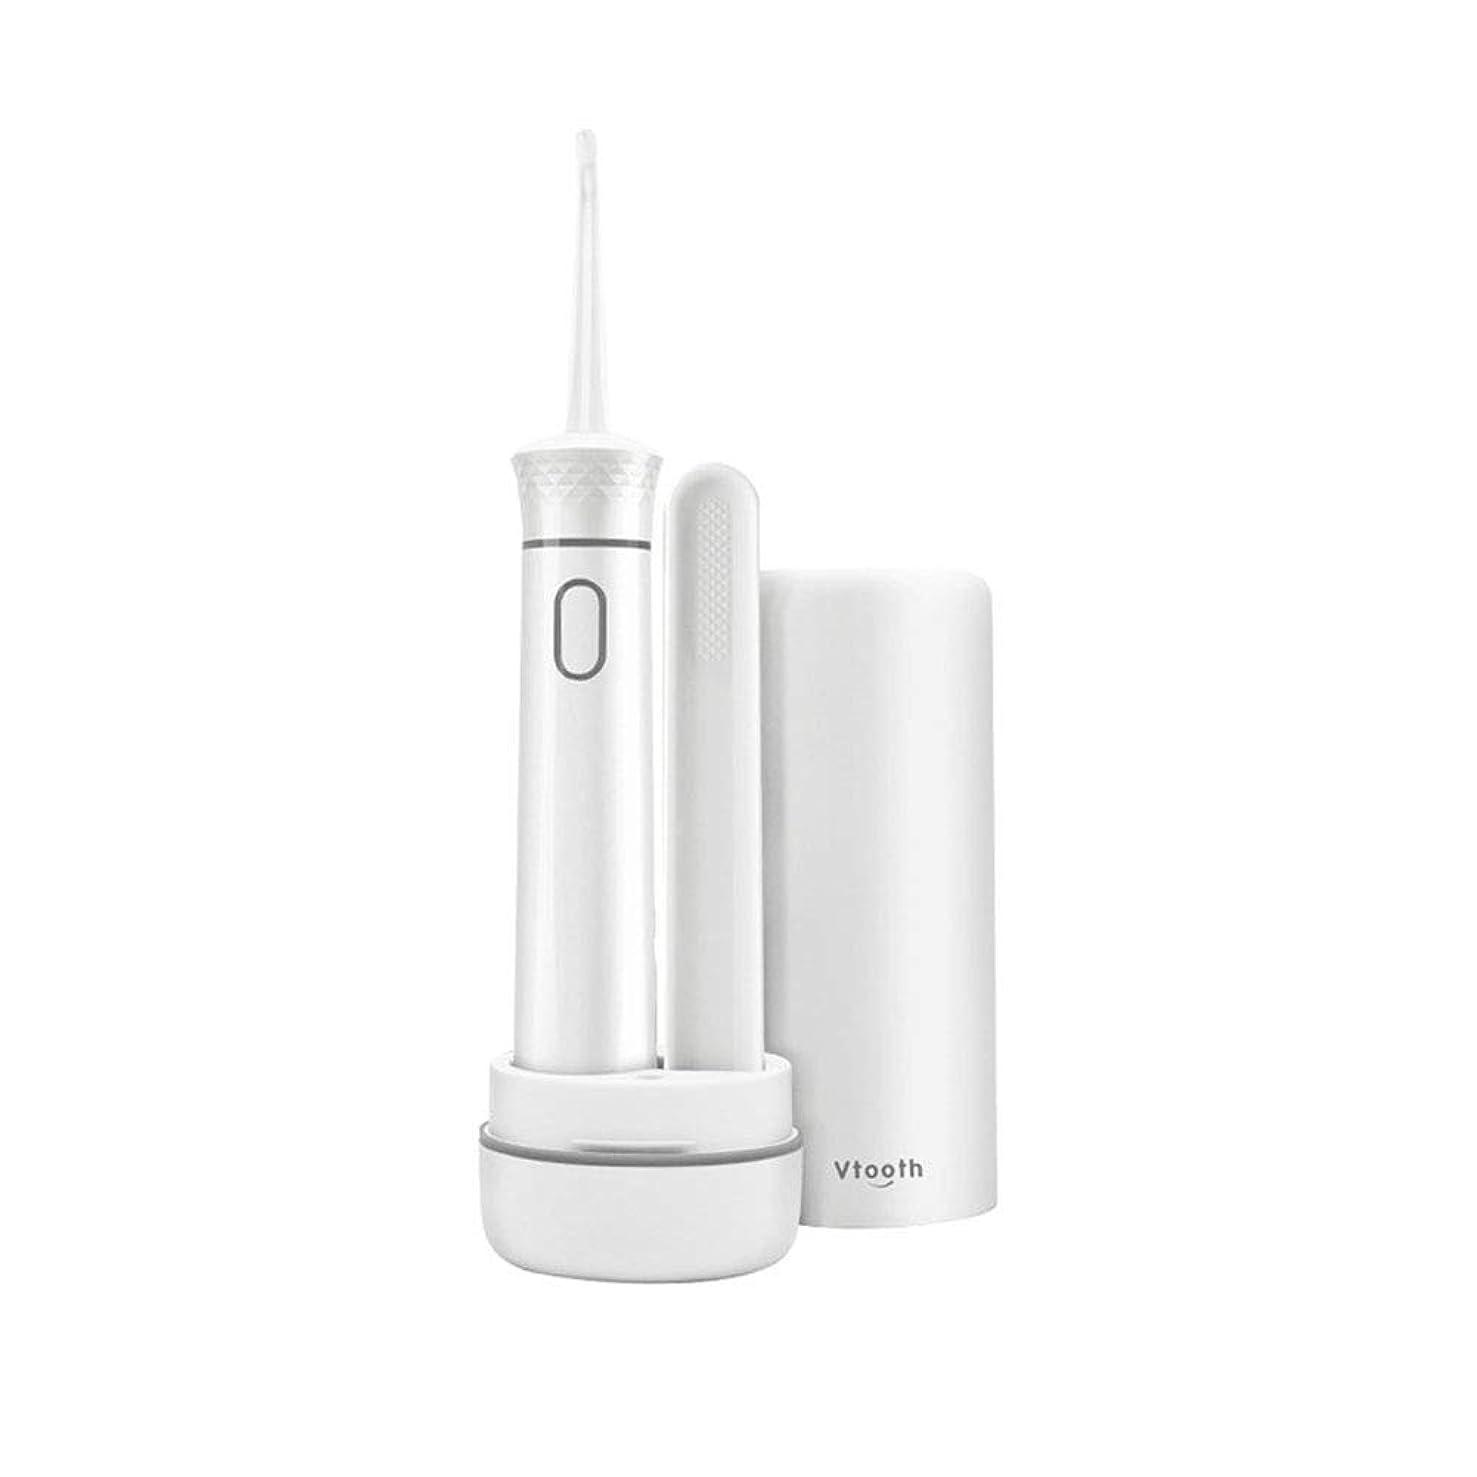 驚ディーラー挨拶するスマート歯磨き家家庭用防水携帯洗浄洗浄器電動歯磨き粉